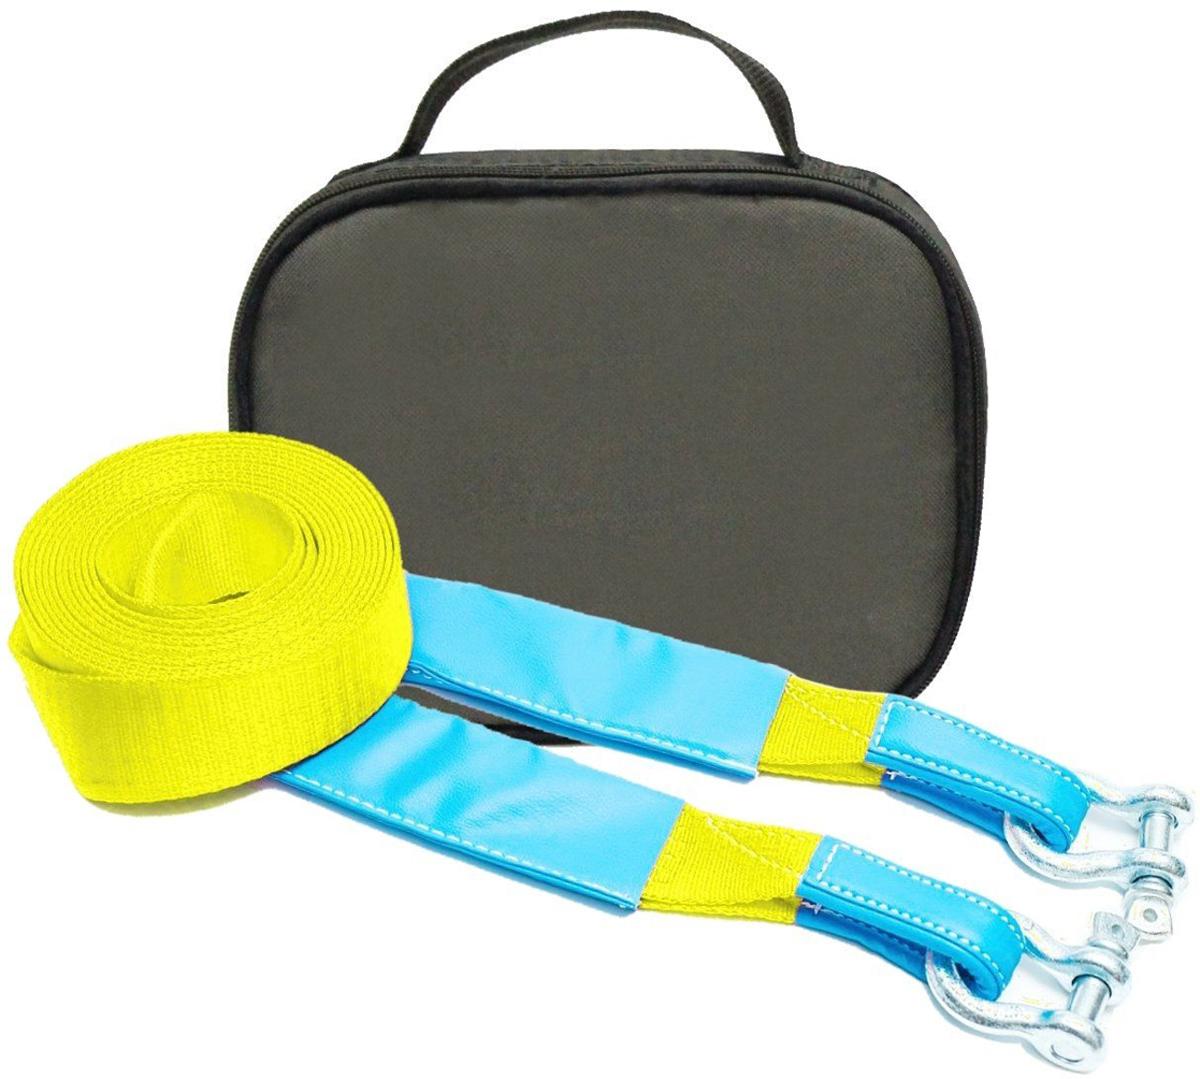 Строп динамический Tplus Стандарт, рывковый, с сумкой, цвет: оливковый, с шаклами, 6 т, 9 мPANTERA SPX-2RSМинимальная разрывная нагрузка (MBS): 6 т;Длина: 9 м;Ширина ленты: 70 мм;Материал ленты: полиамид;Защита петель: экокожа;Защита швов: экокожа;Эластичность (удлинение при нагрузке): 20%;Исполнение: петля/петля;Шакл 3.25/19.5 т: 2 шт. (безопасная рабочая нагрузка (SWL)/минимальная разрывная нагрузка (MBS);Применяется для а/м массой* от 1 до 1.8 т;Сумка (оксфорд);Гарантия: 1 год.*масса а/м = снаряженная масса а/м + 100 кг (+20% при эвакуации а/м из грязи).Если а/м оснащен дополнительным оборудованием (силовой бампер, лебёдка и т. п.), то масса а/м = снаряженная масса а/м + 100 кг + масса дополнительно установленного навесного оборудования (+20% при эвакуации а/м из грязи).